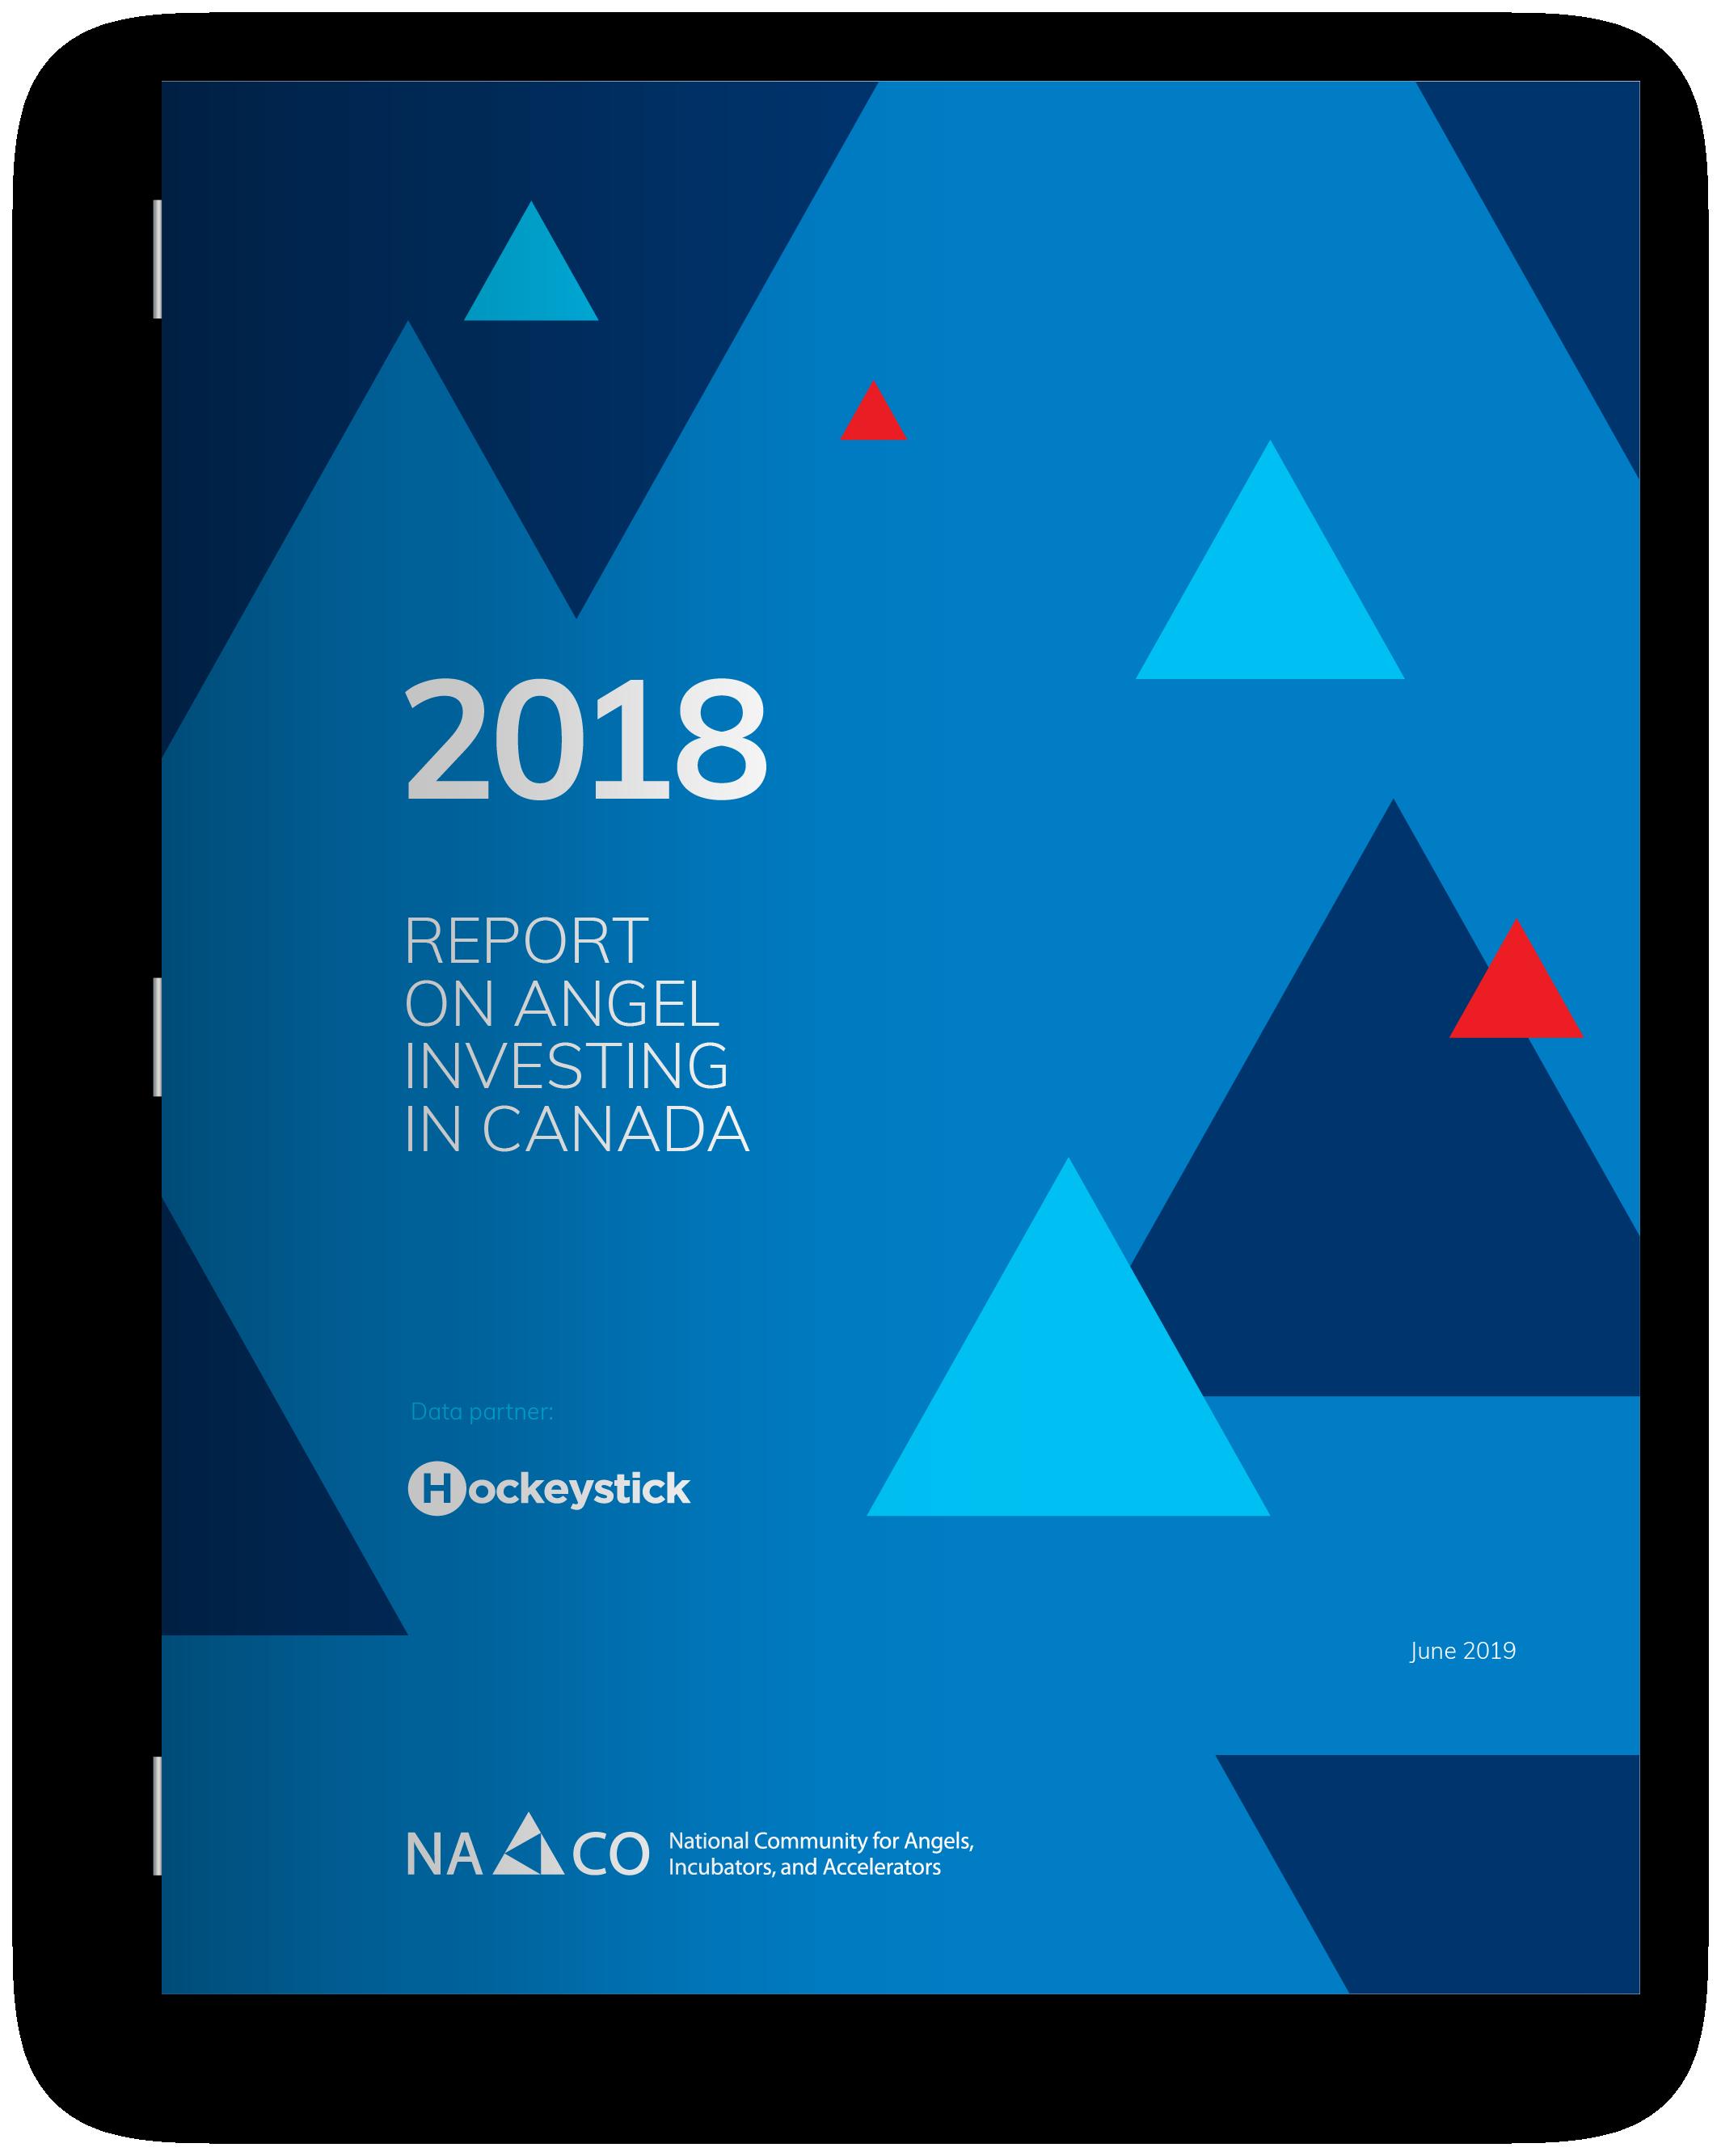 NACO-2018